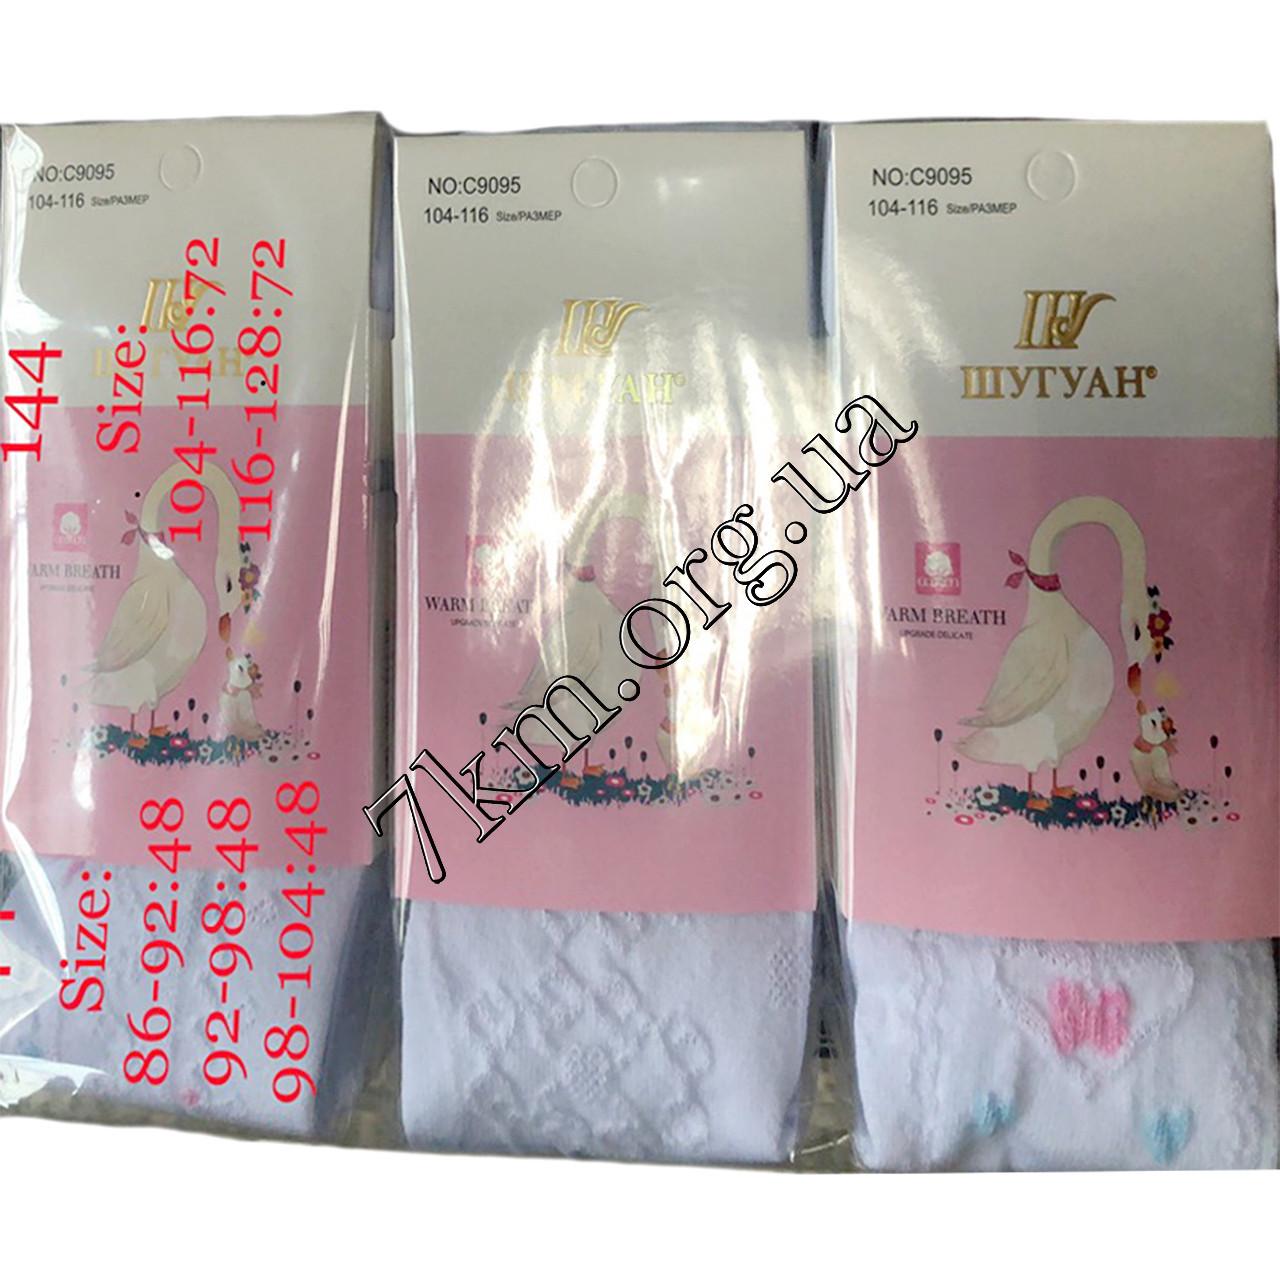 Колготки дитячі оптом для дівчаток Шугуан з перфорацією 92-98 див. Китай C9095